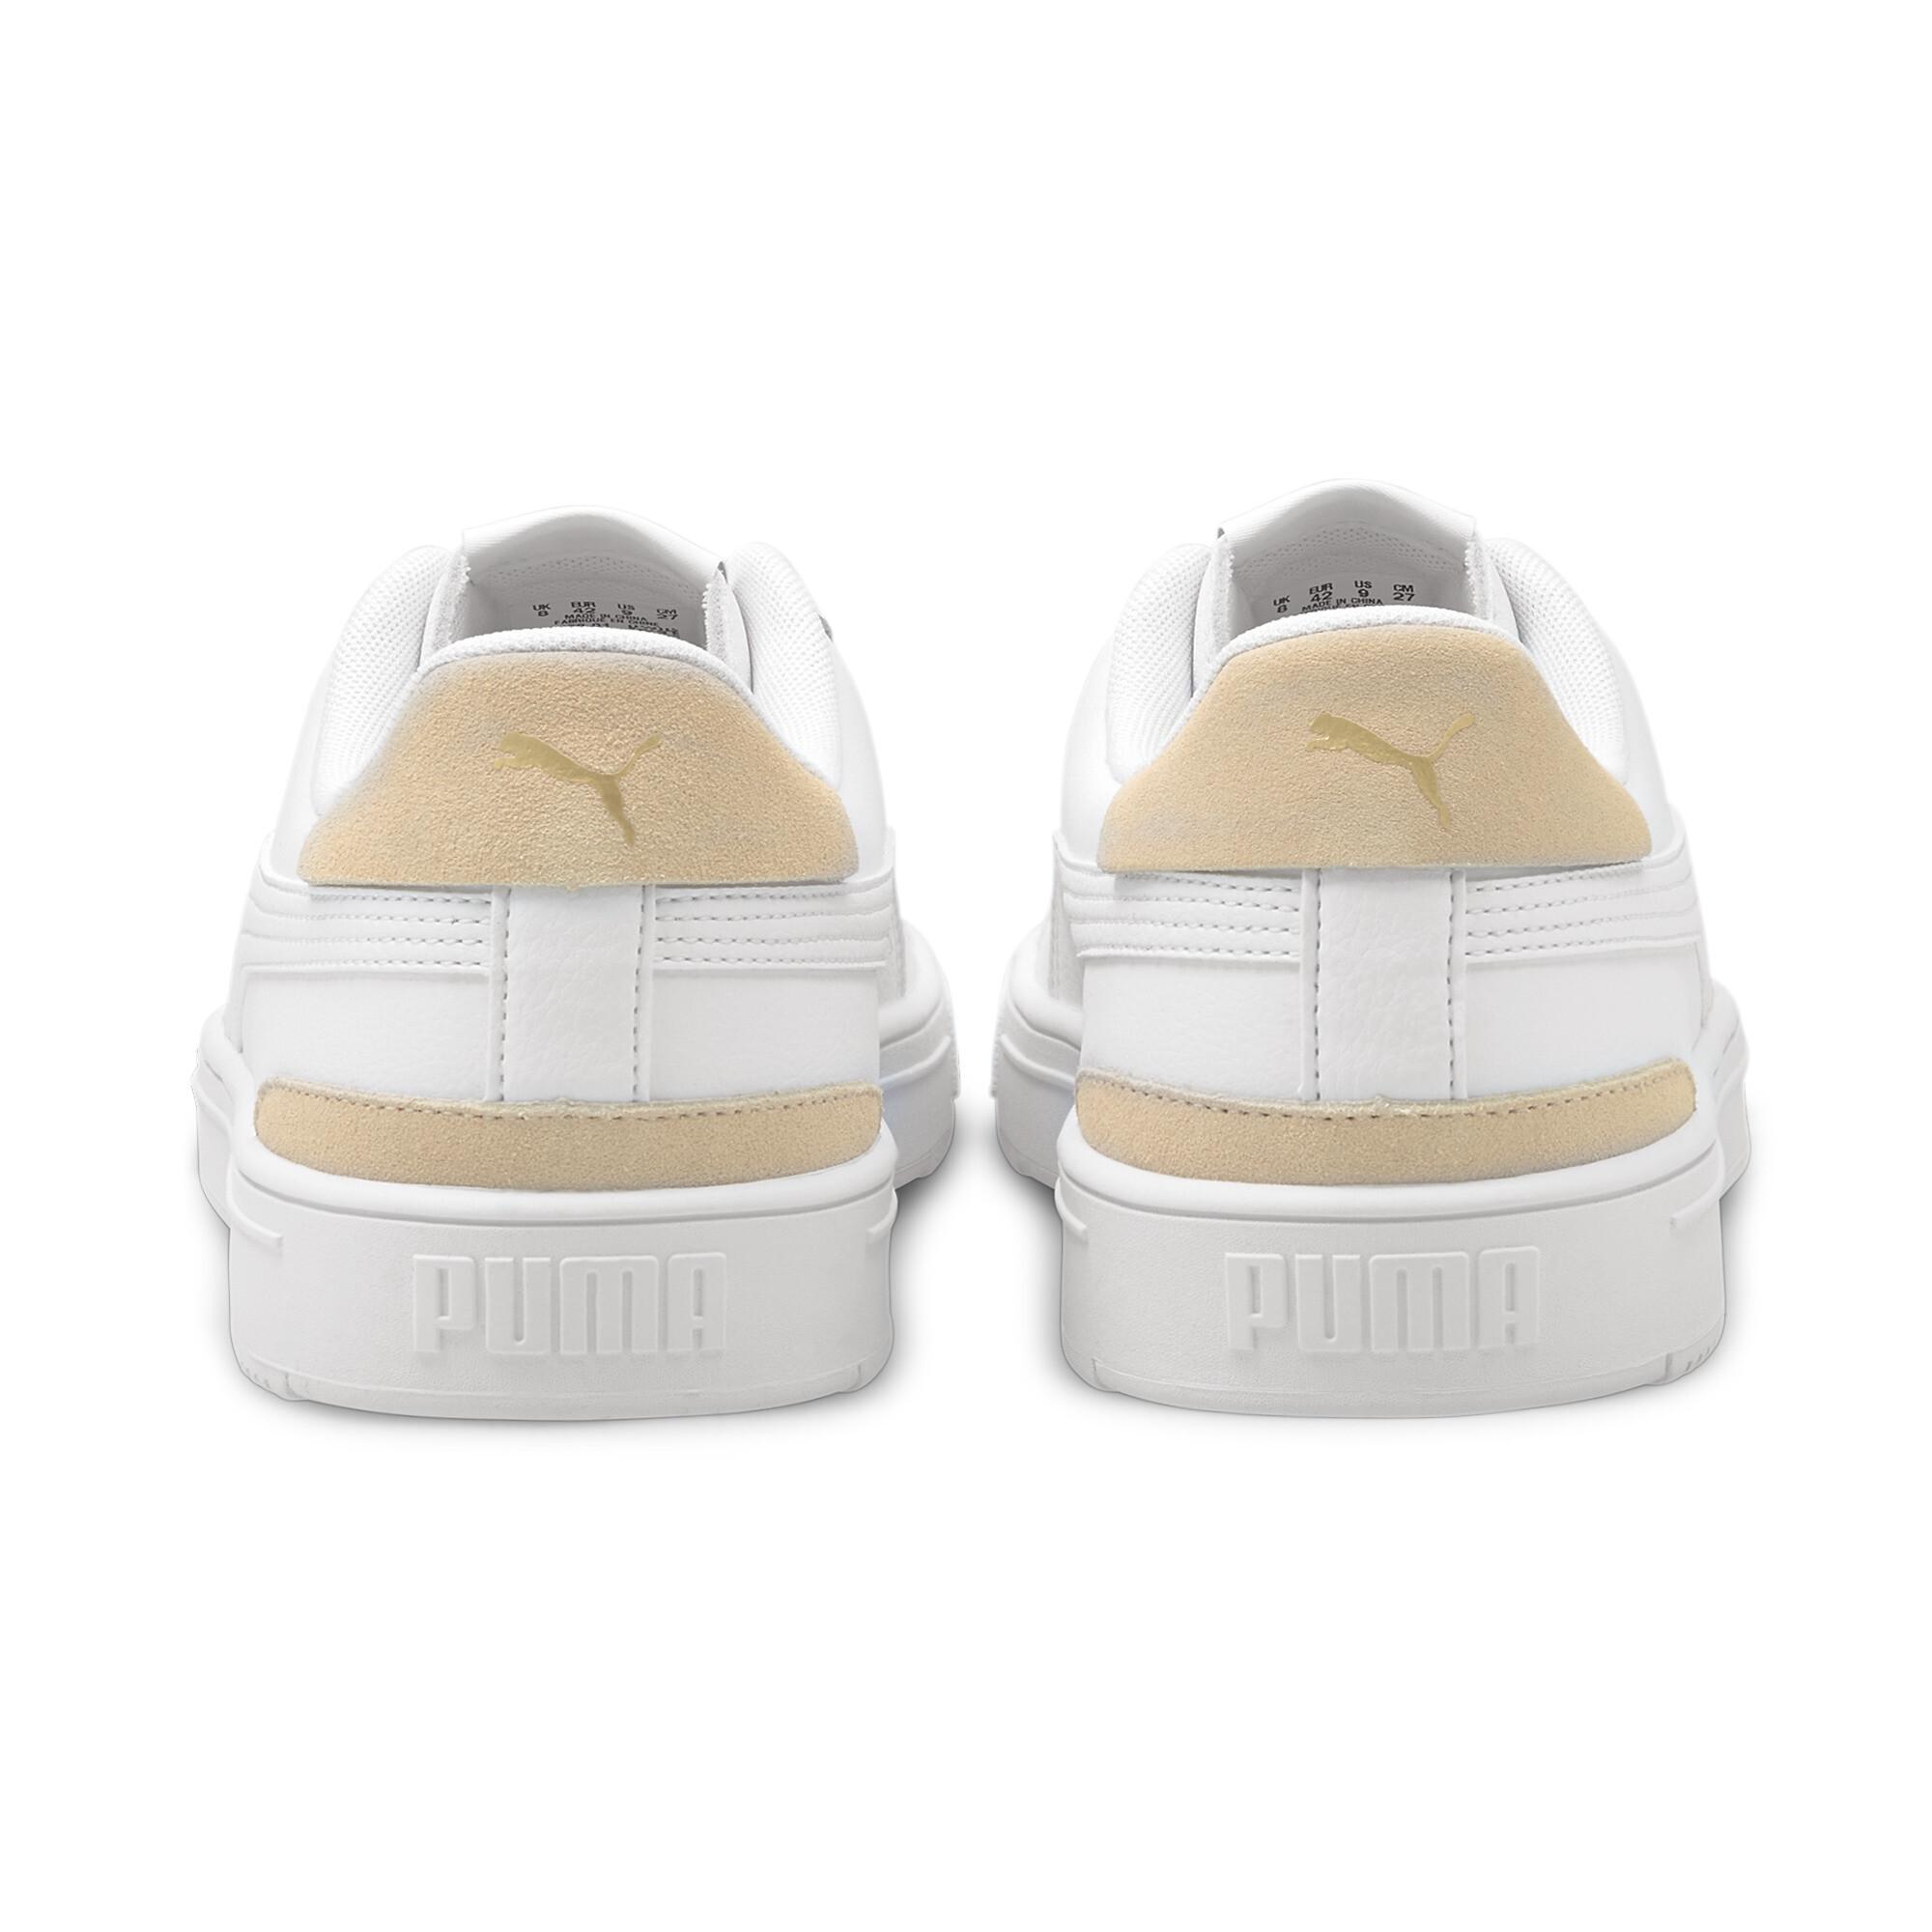 thumbnail 12 - PUMA Men's Serve Pro Sneakers